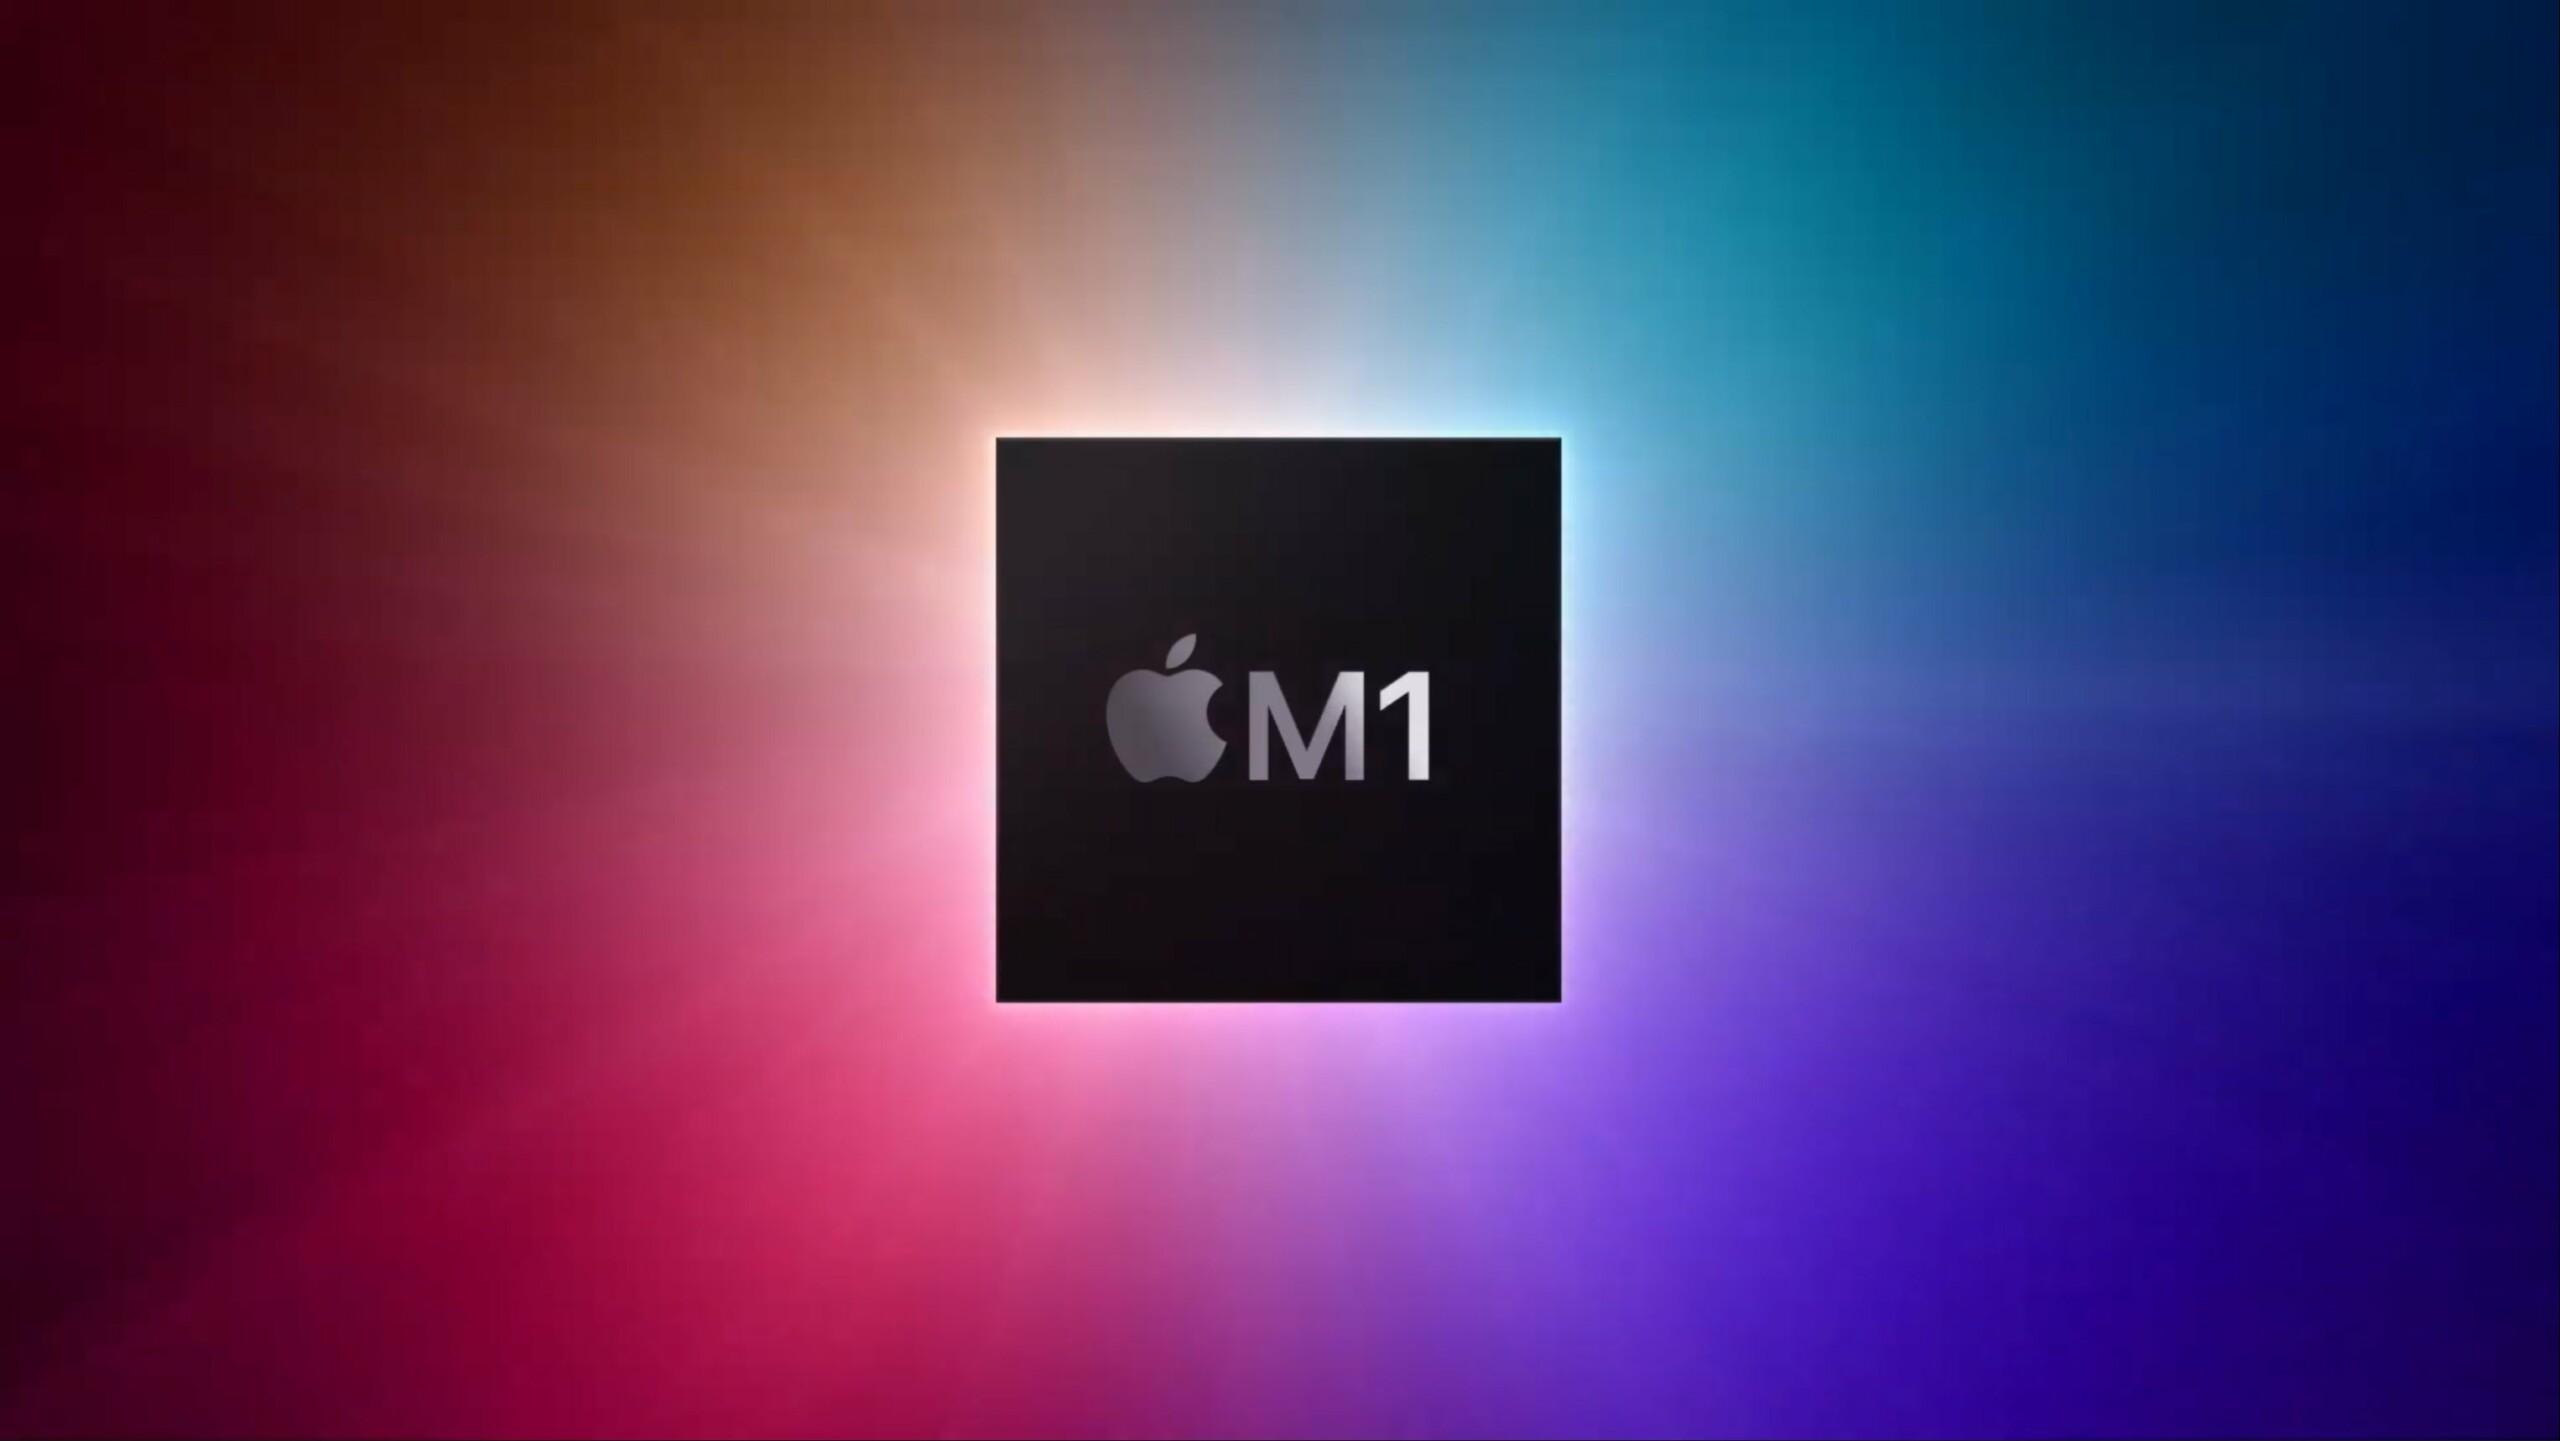 Surpuissante, l'Apple M1 devance le dernier Core i7 de bureau en single-core